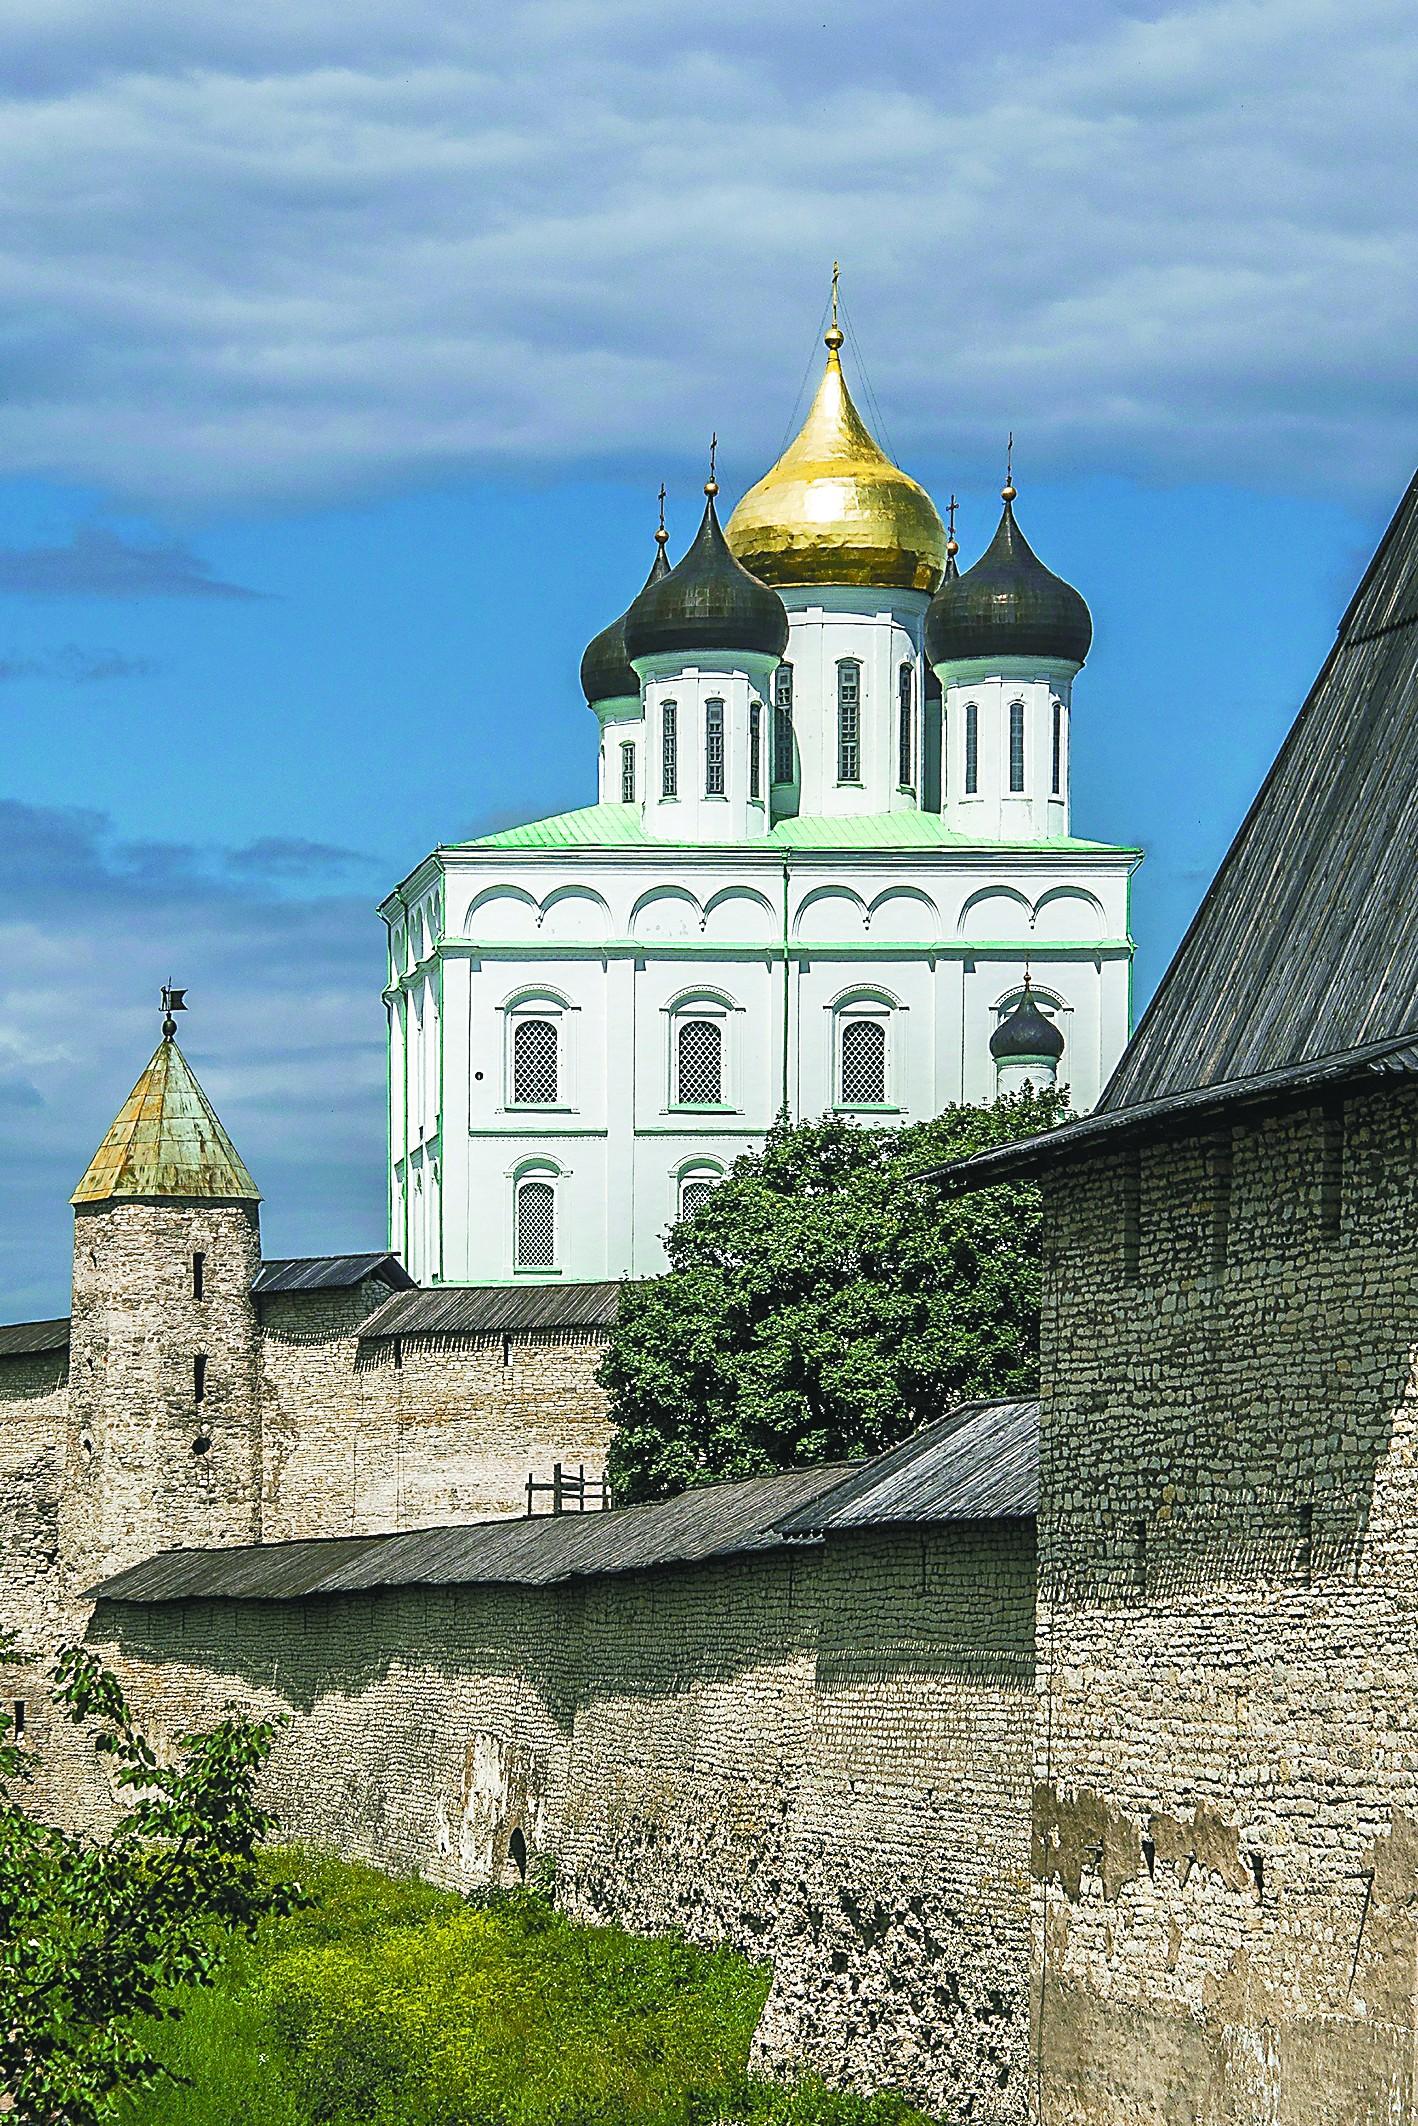 普斯科夫,俄罗斯文化的摇篮